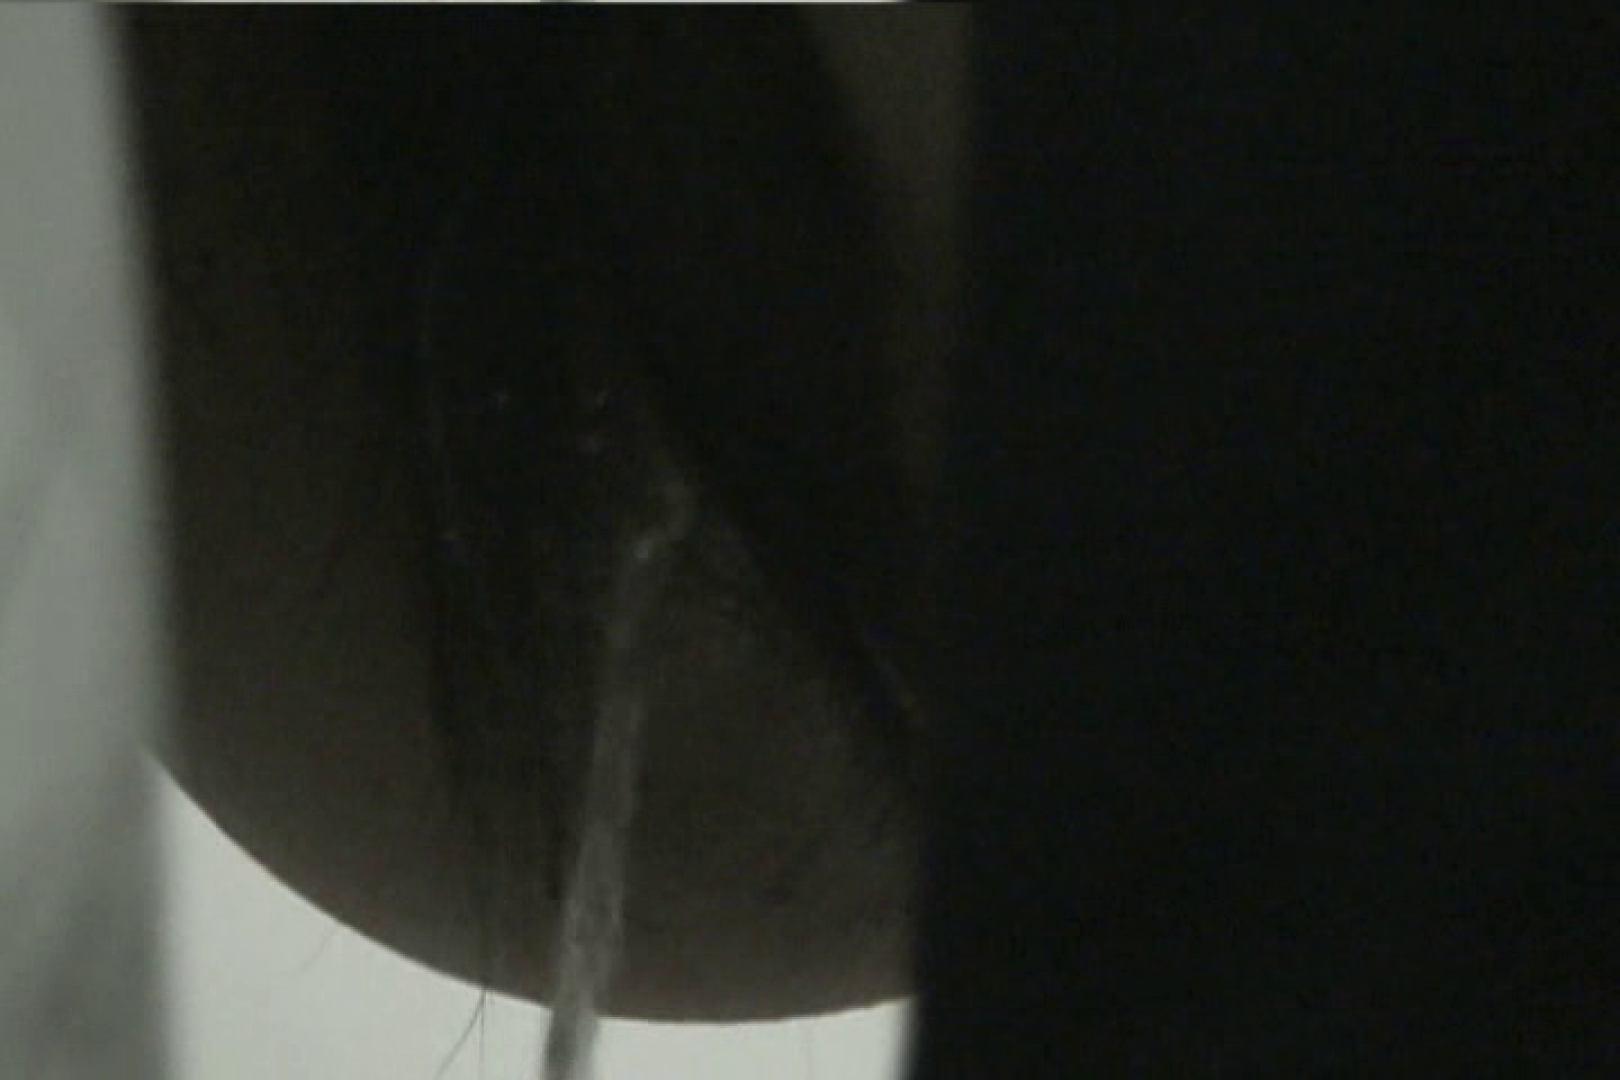 マンコ丸見え女子洗面所Vol.19 OLすけべ画像 エロ画像 85連発 22